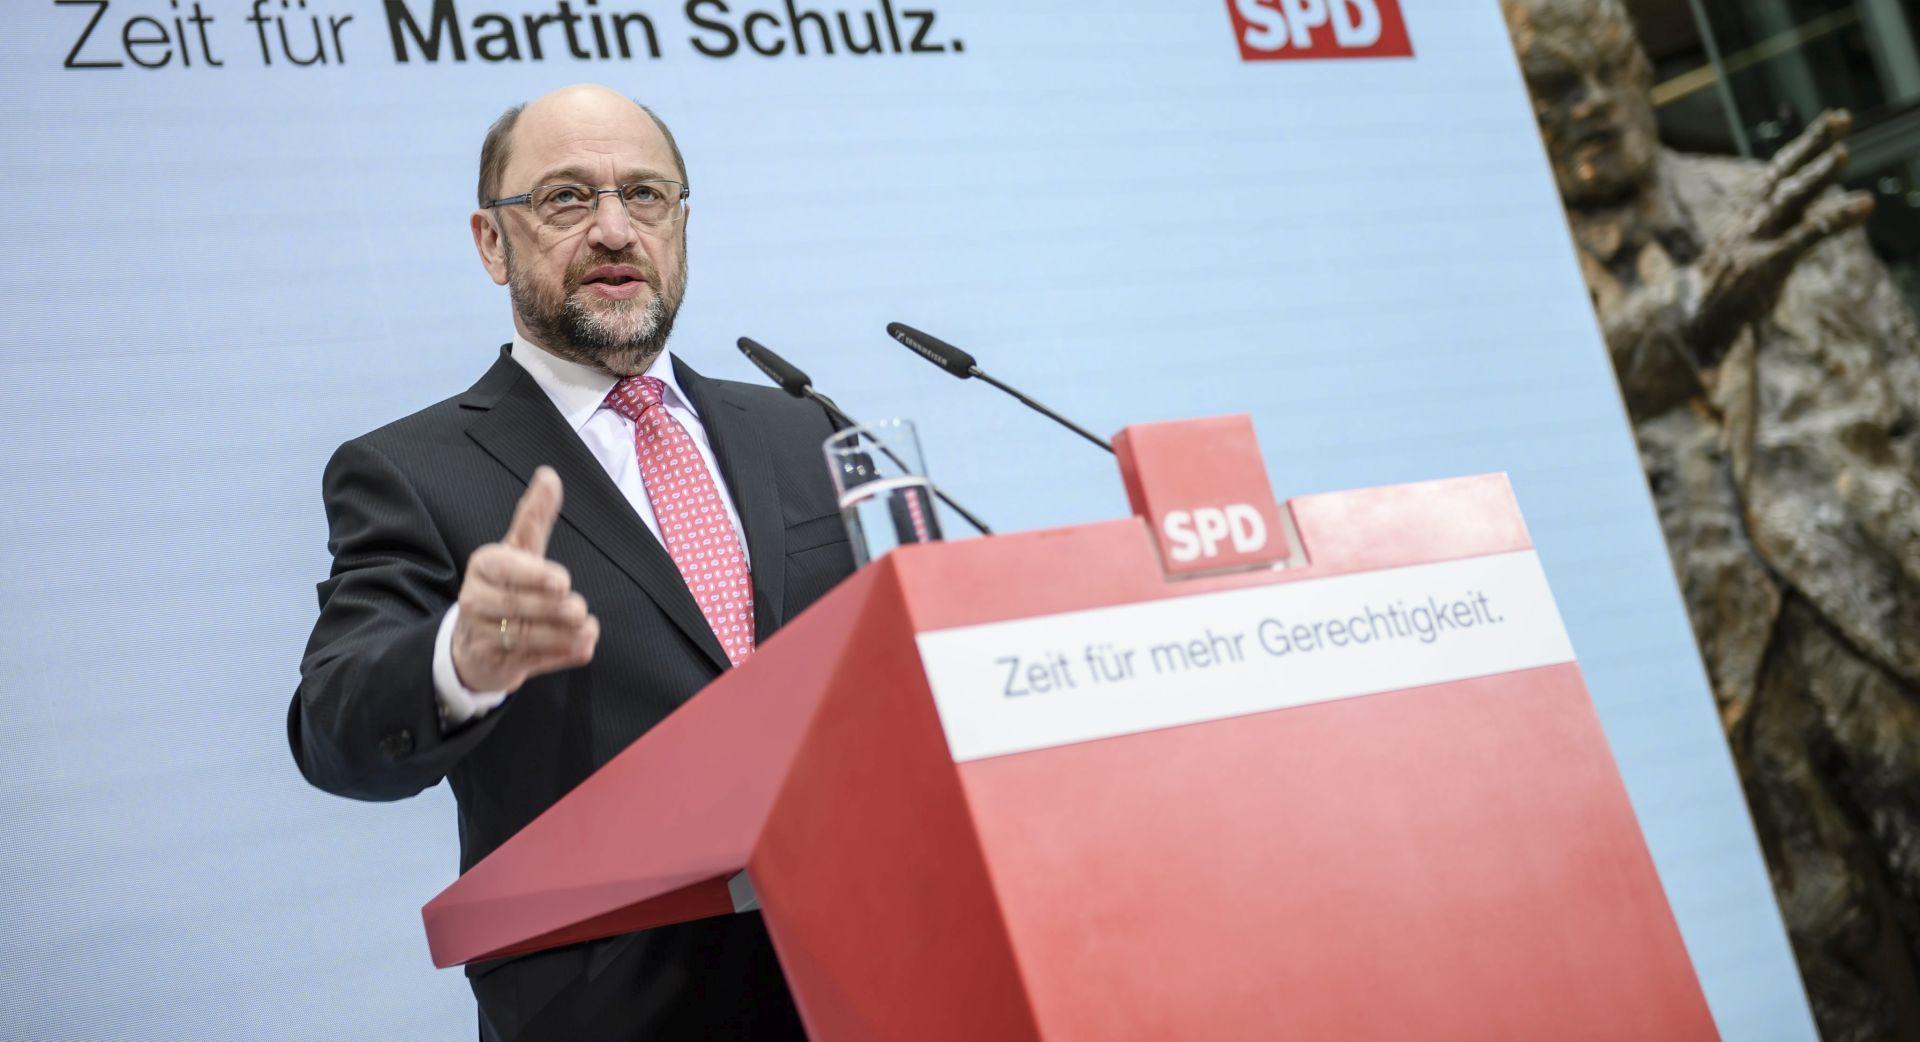 MARTIN SCHULZ: 'Čovjek s ulice' koji želi srušiti Angelu Merkel